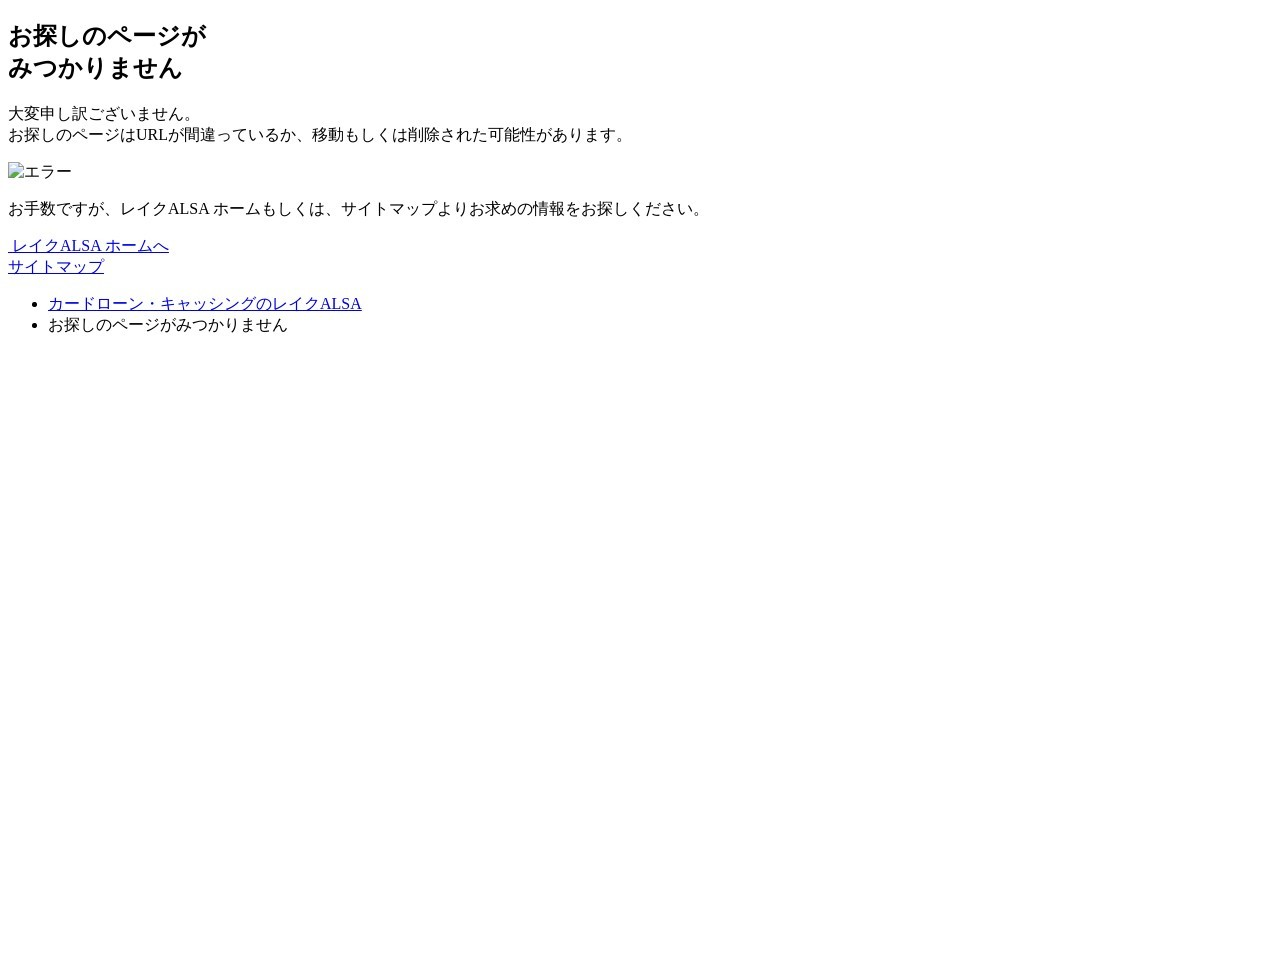 レイクALSA 1号日永自動契約コーナー三重県 レイクALSA